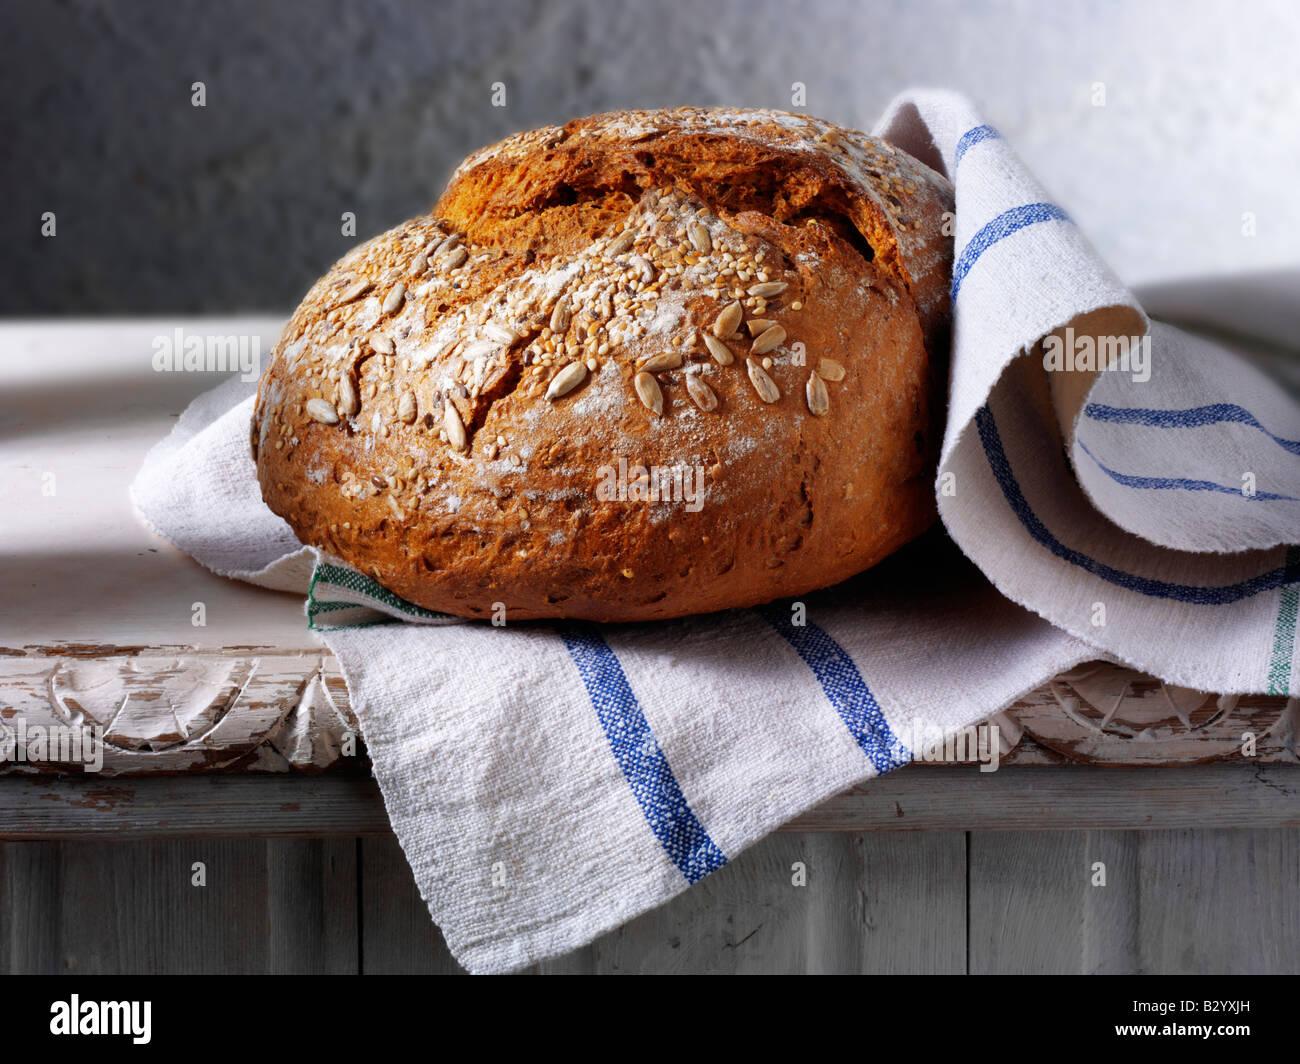 Filone di pane integrale Immagini Stock